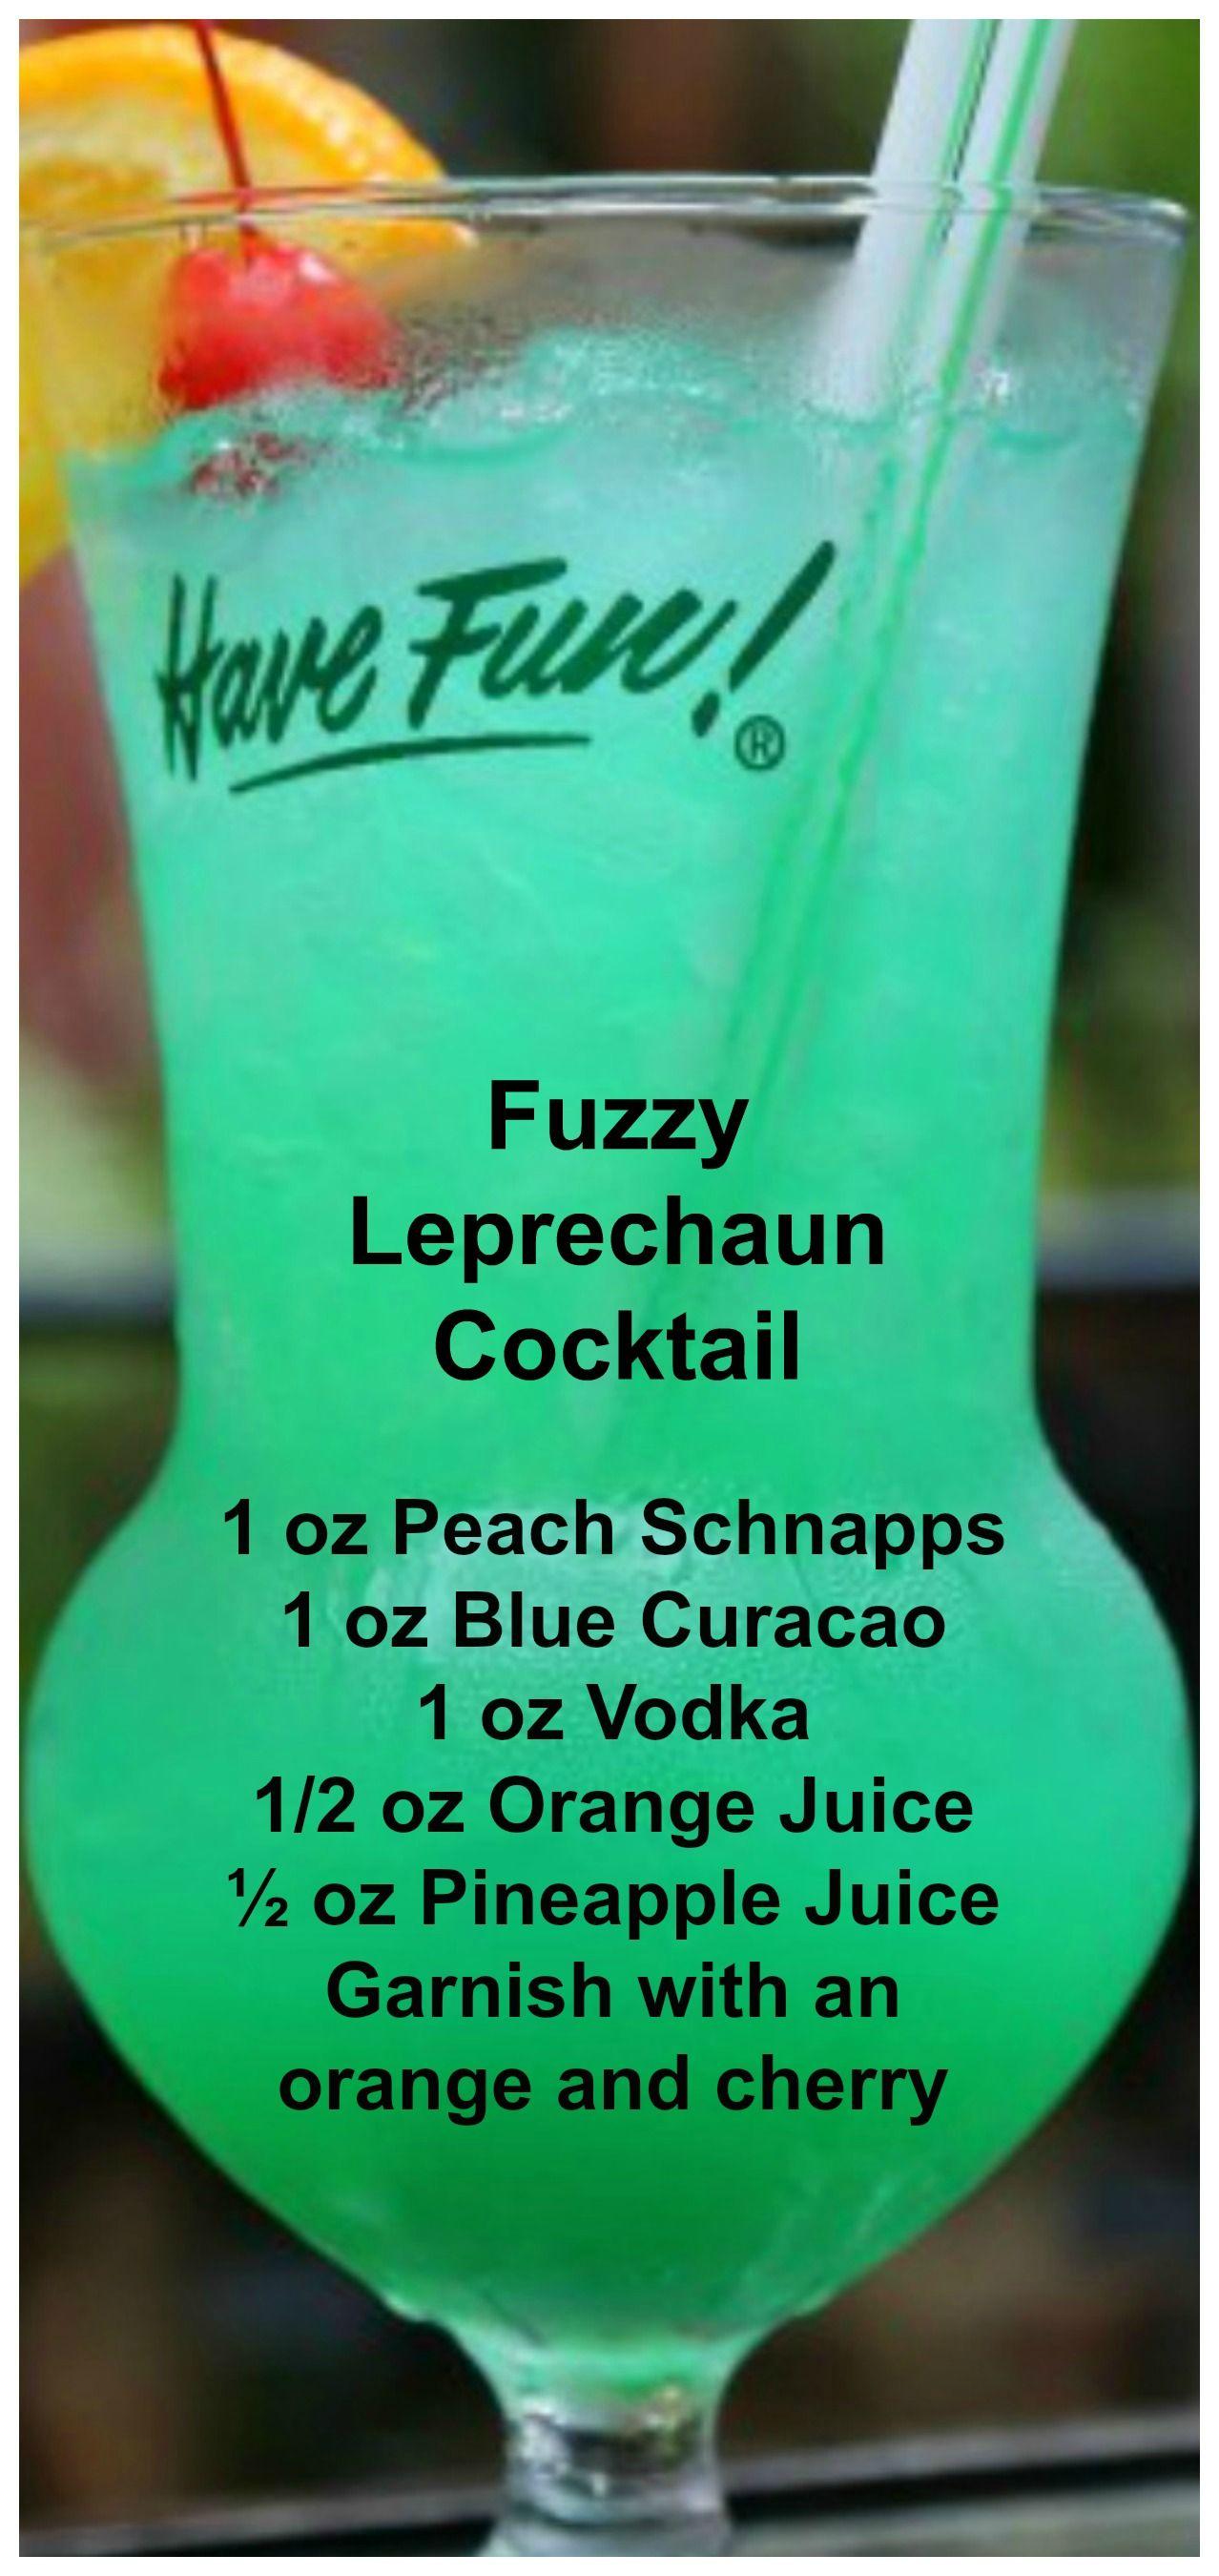 Fuzzy Leprechaun Cocktail #cocktaildrinks